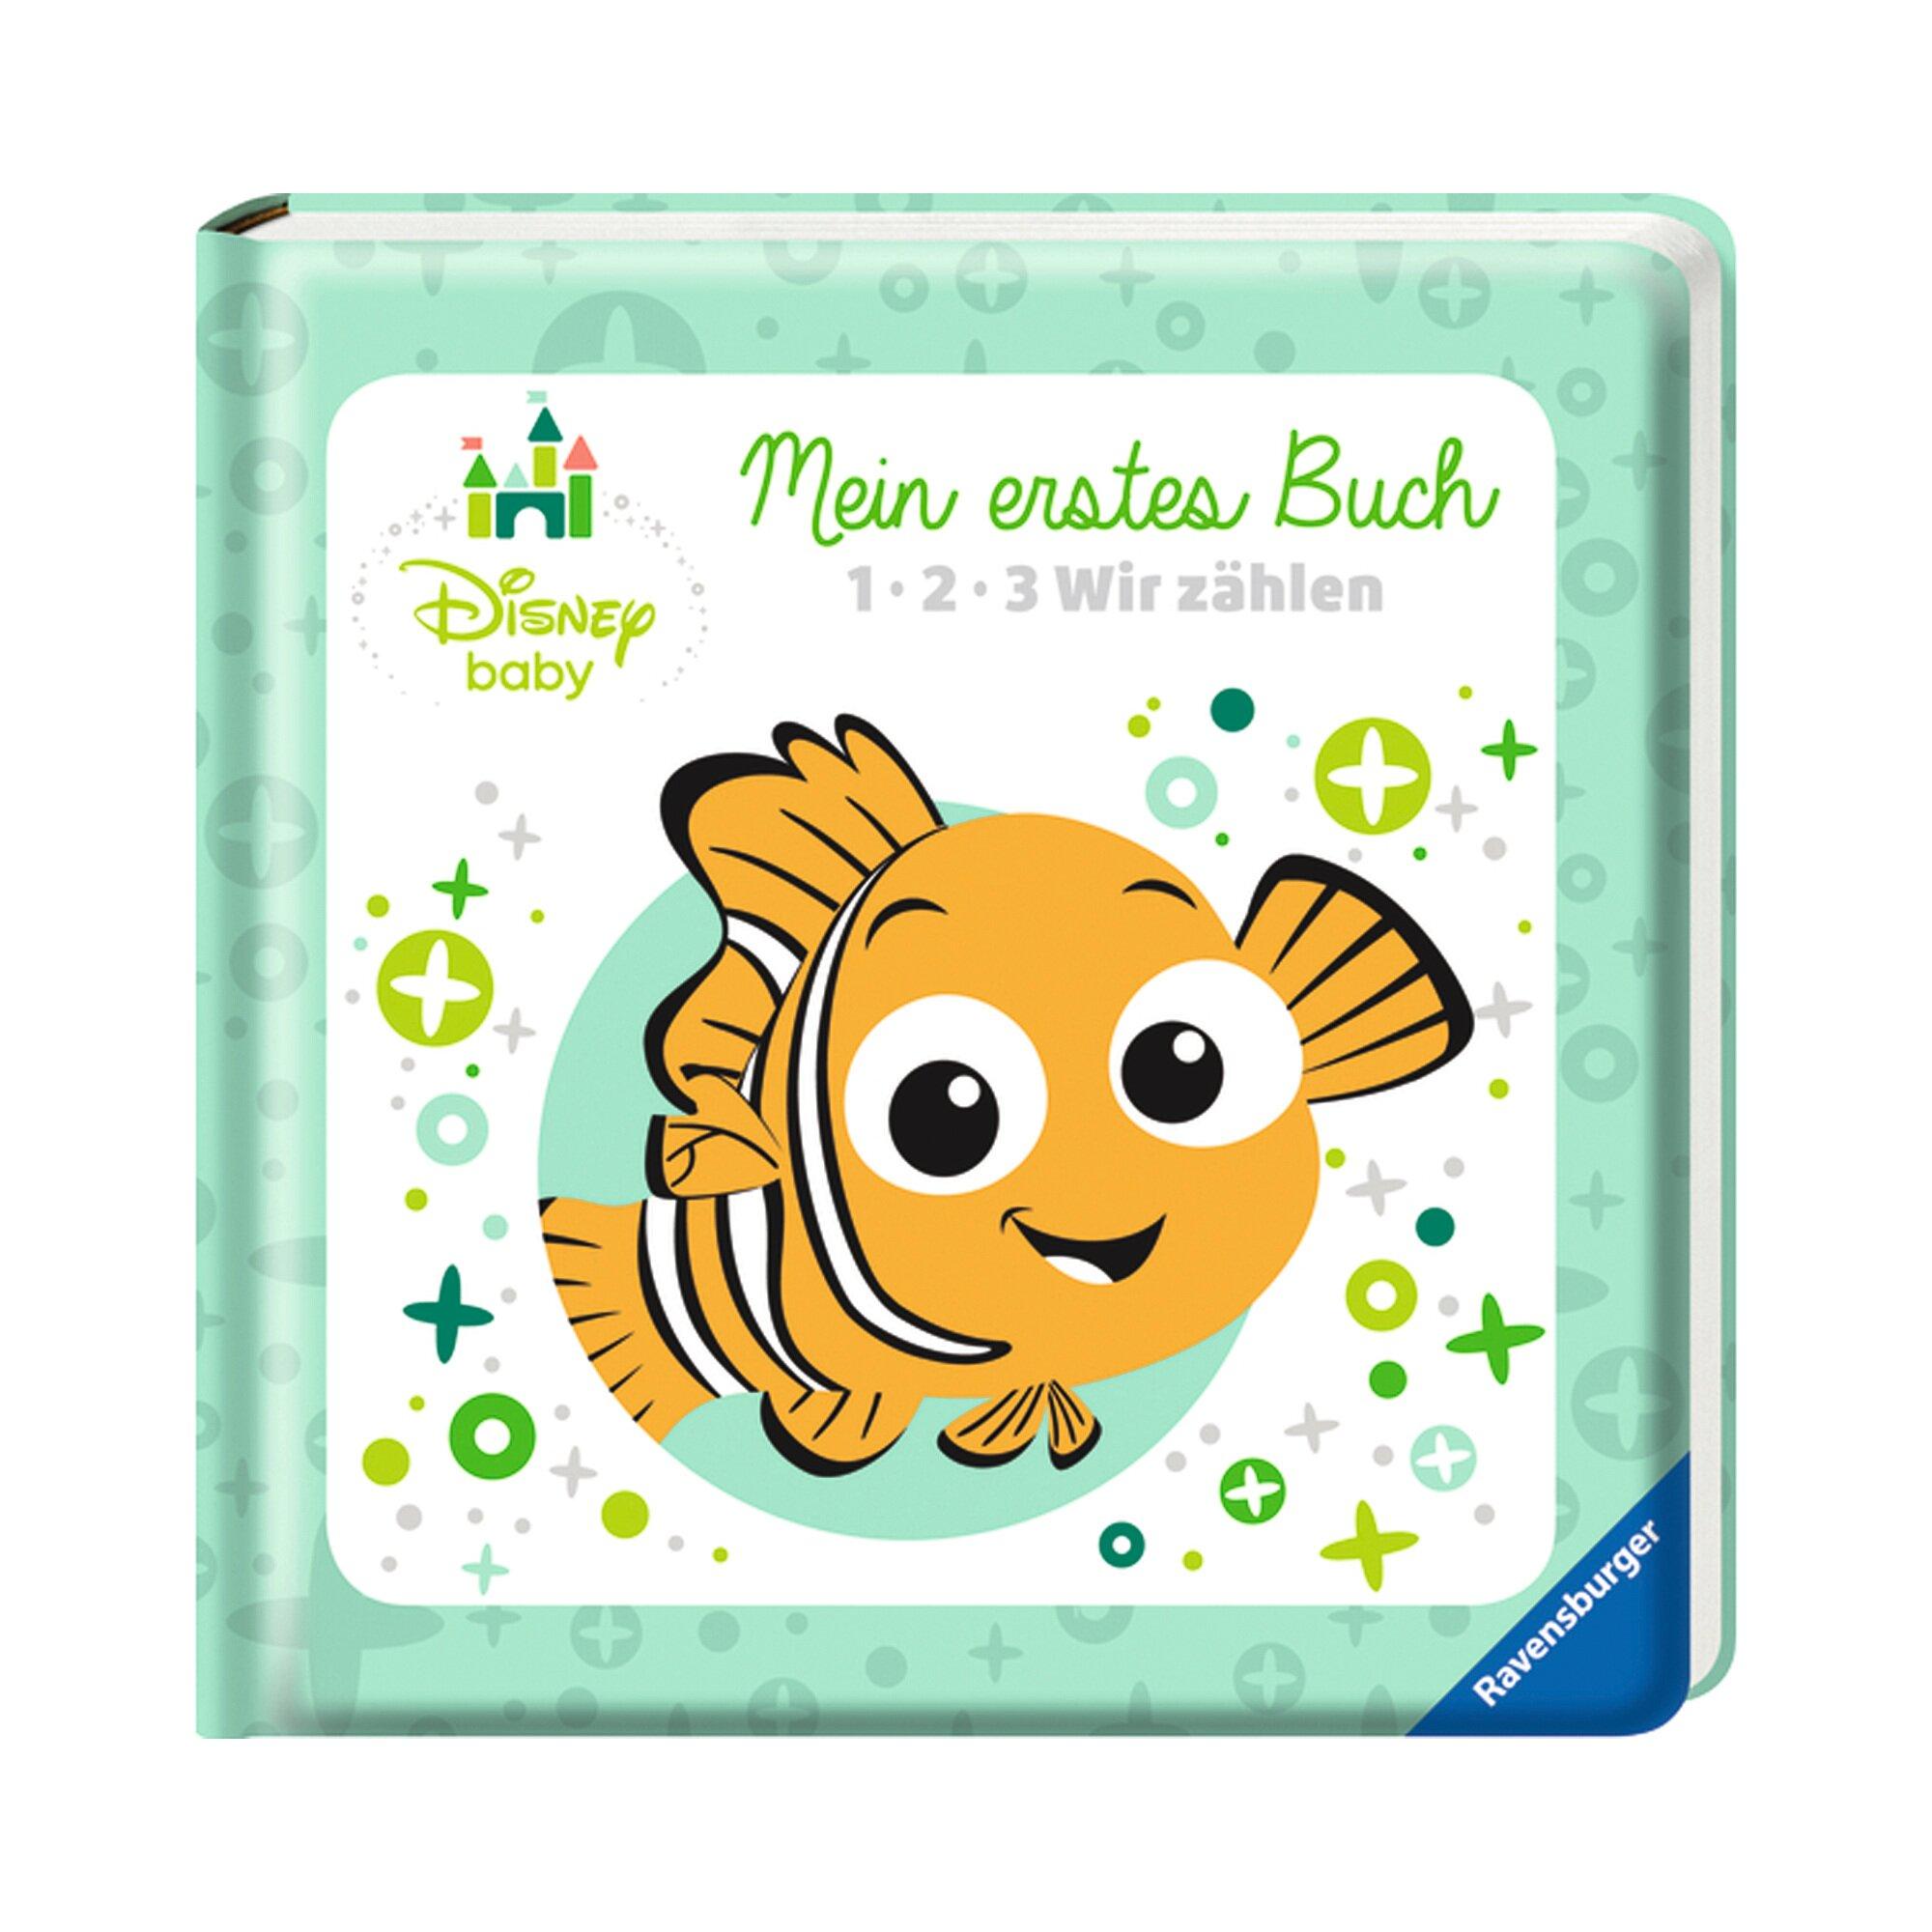 Disney Baby Pappbilderbuch Mein erstes Buch - 1, 2, 3 Wir zählen